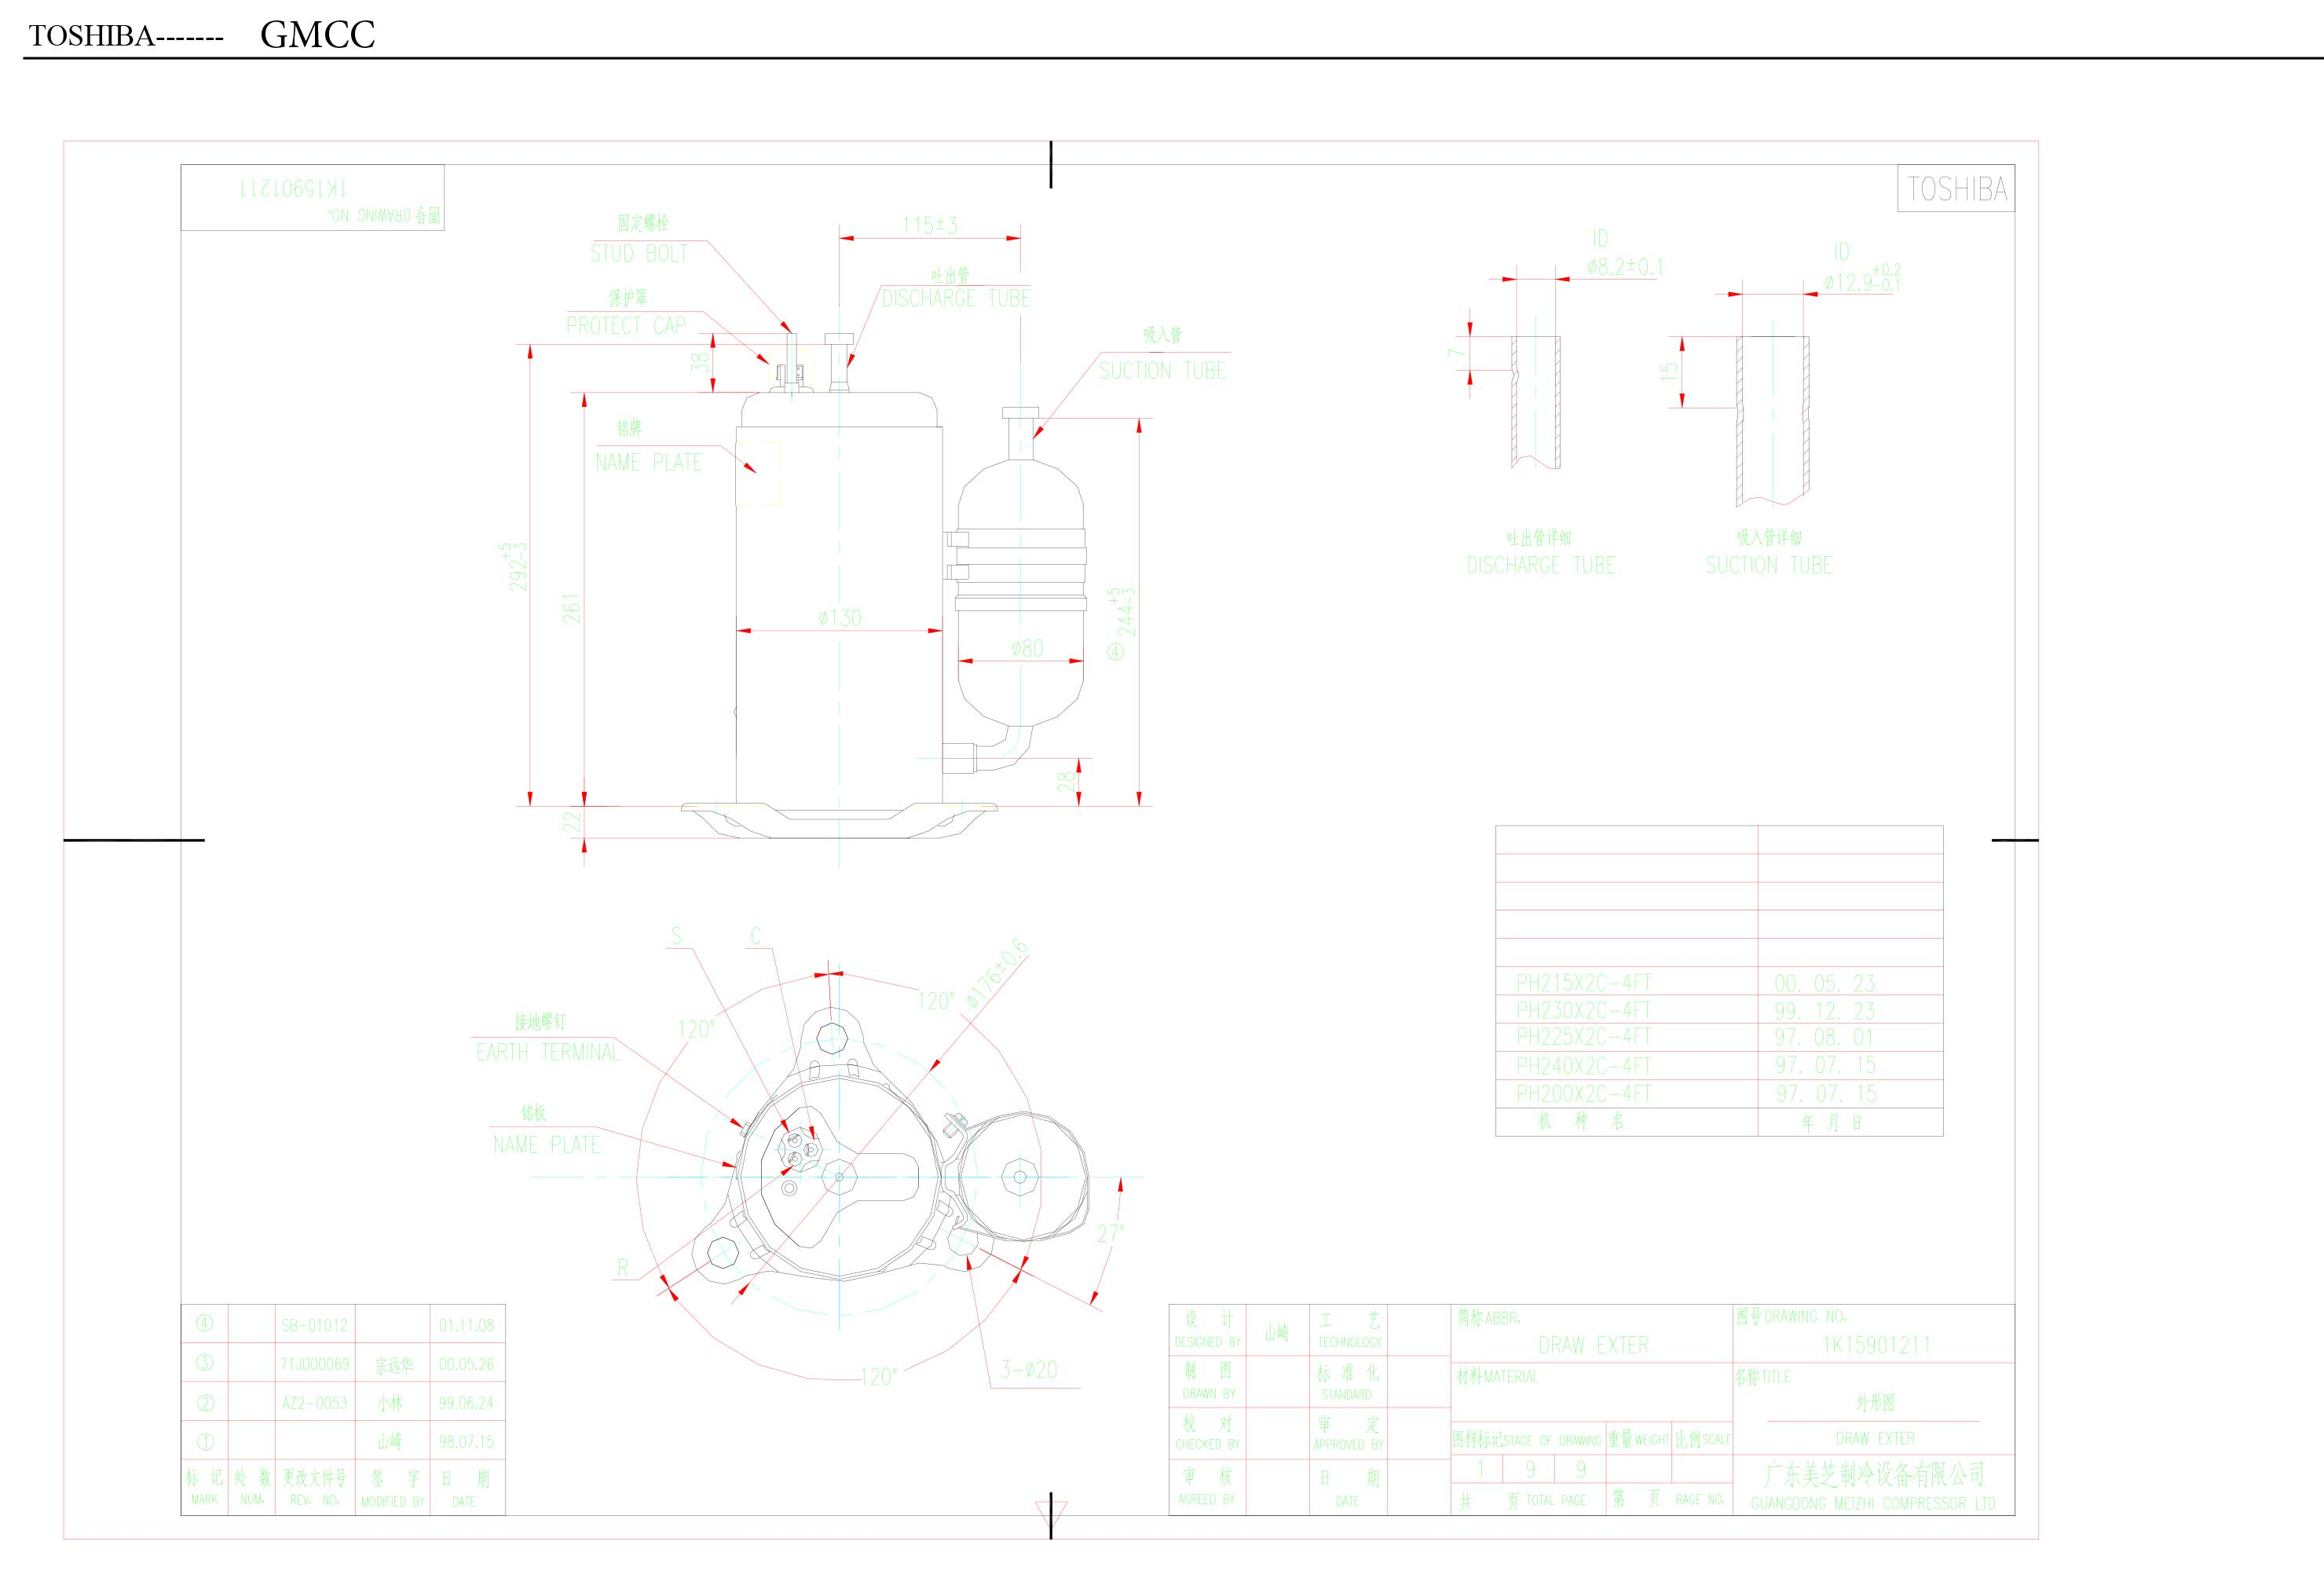 GMCC PH225X2C-4FT характеристики